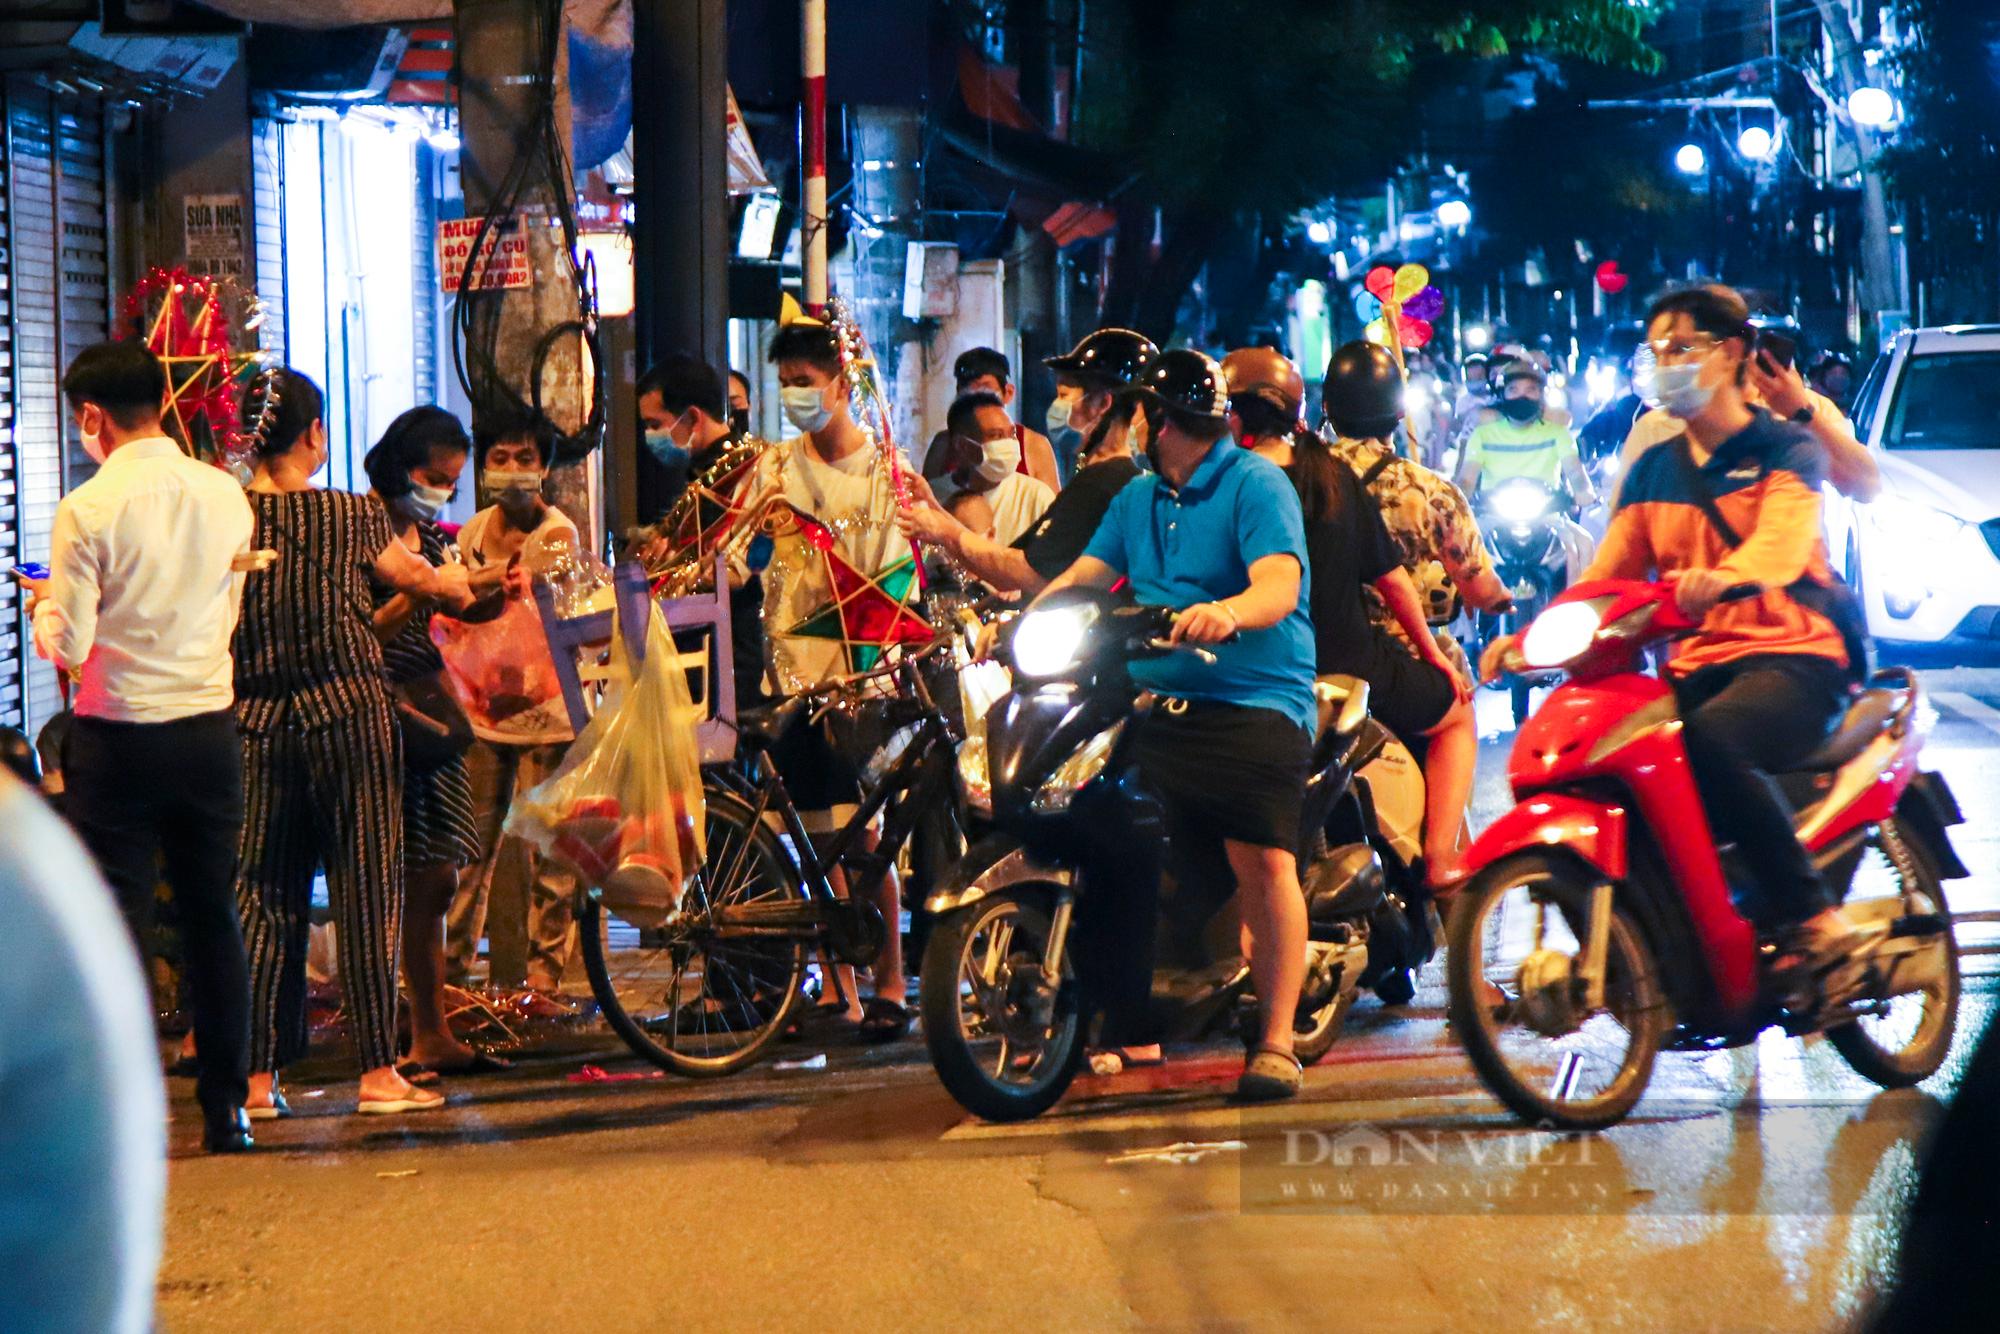 Ngày giãn cách cuối cùng, người dân rủ nhau lên phố cổ dạo chơi đêm trung thu - Ảnh 9.